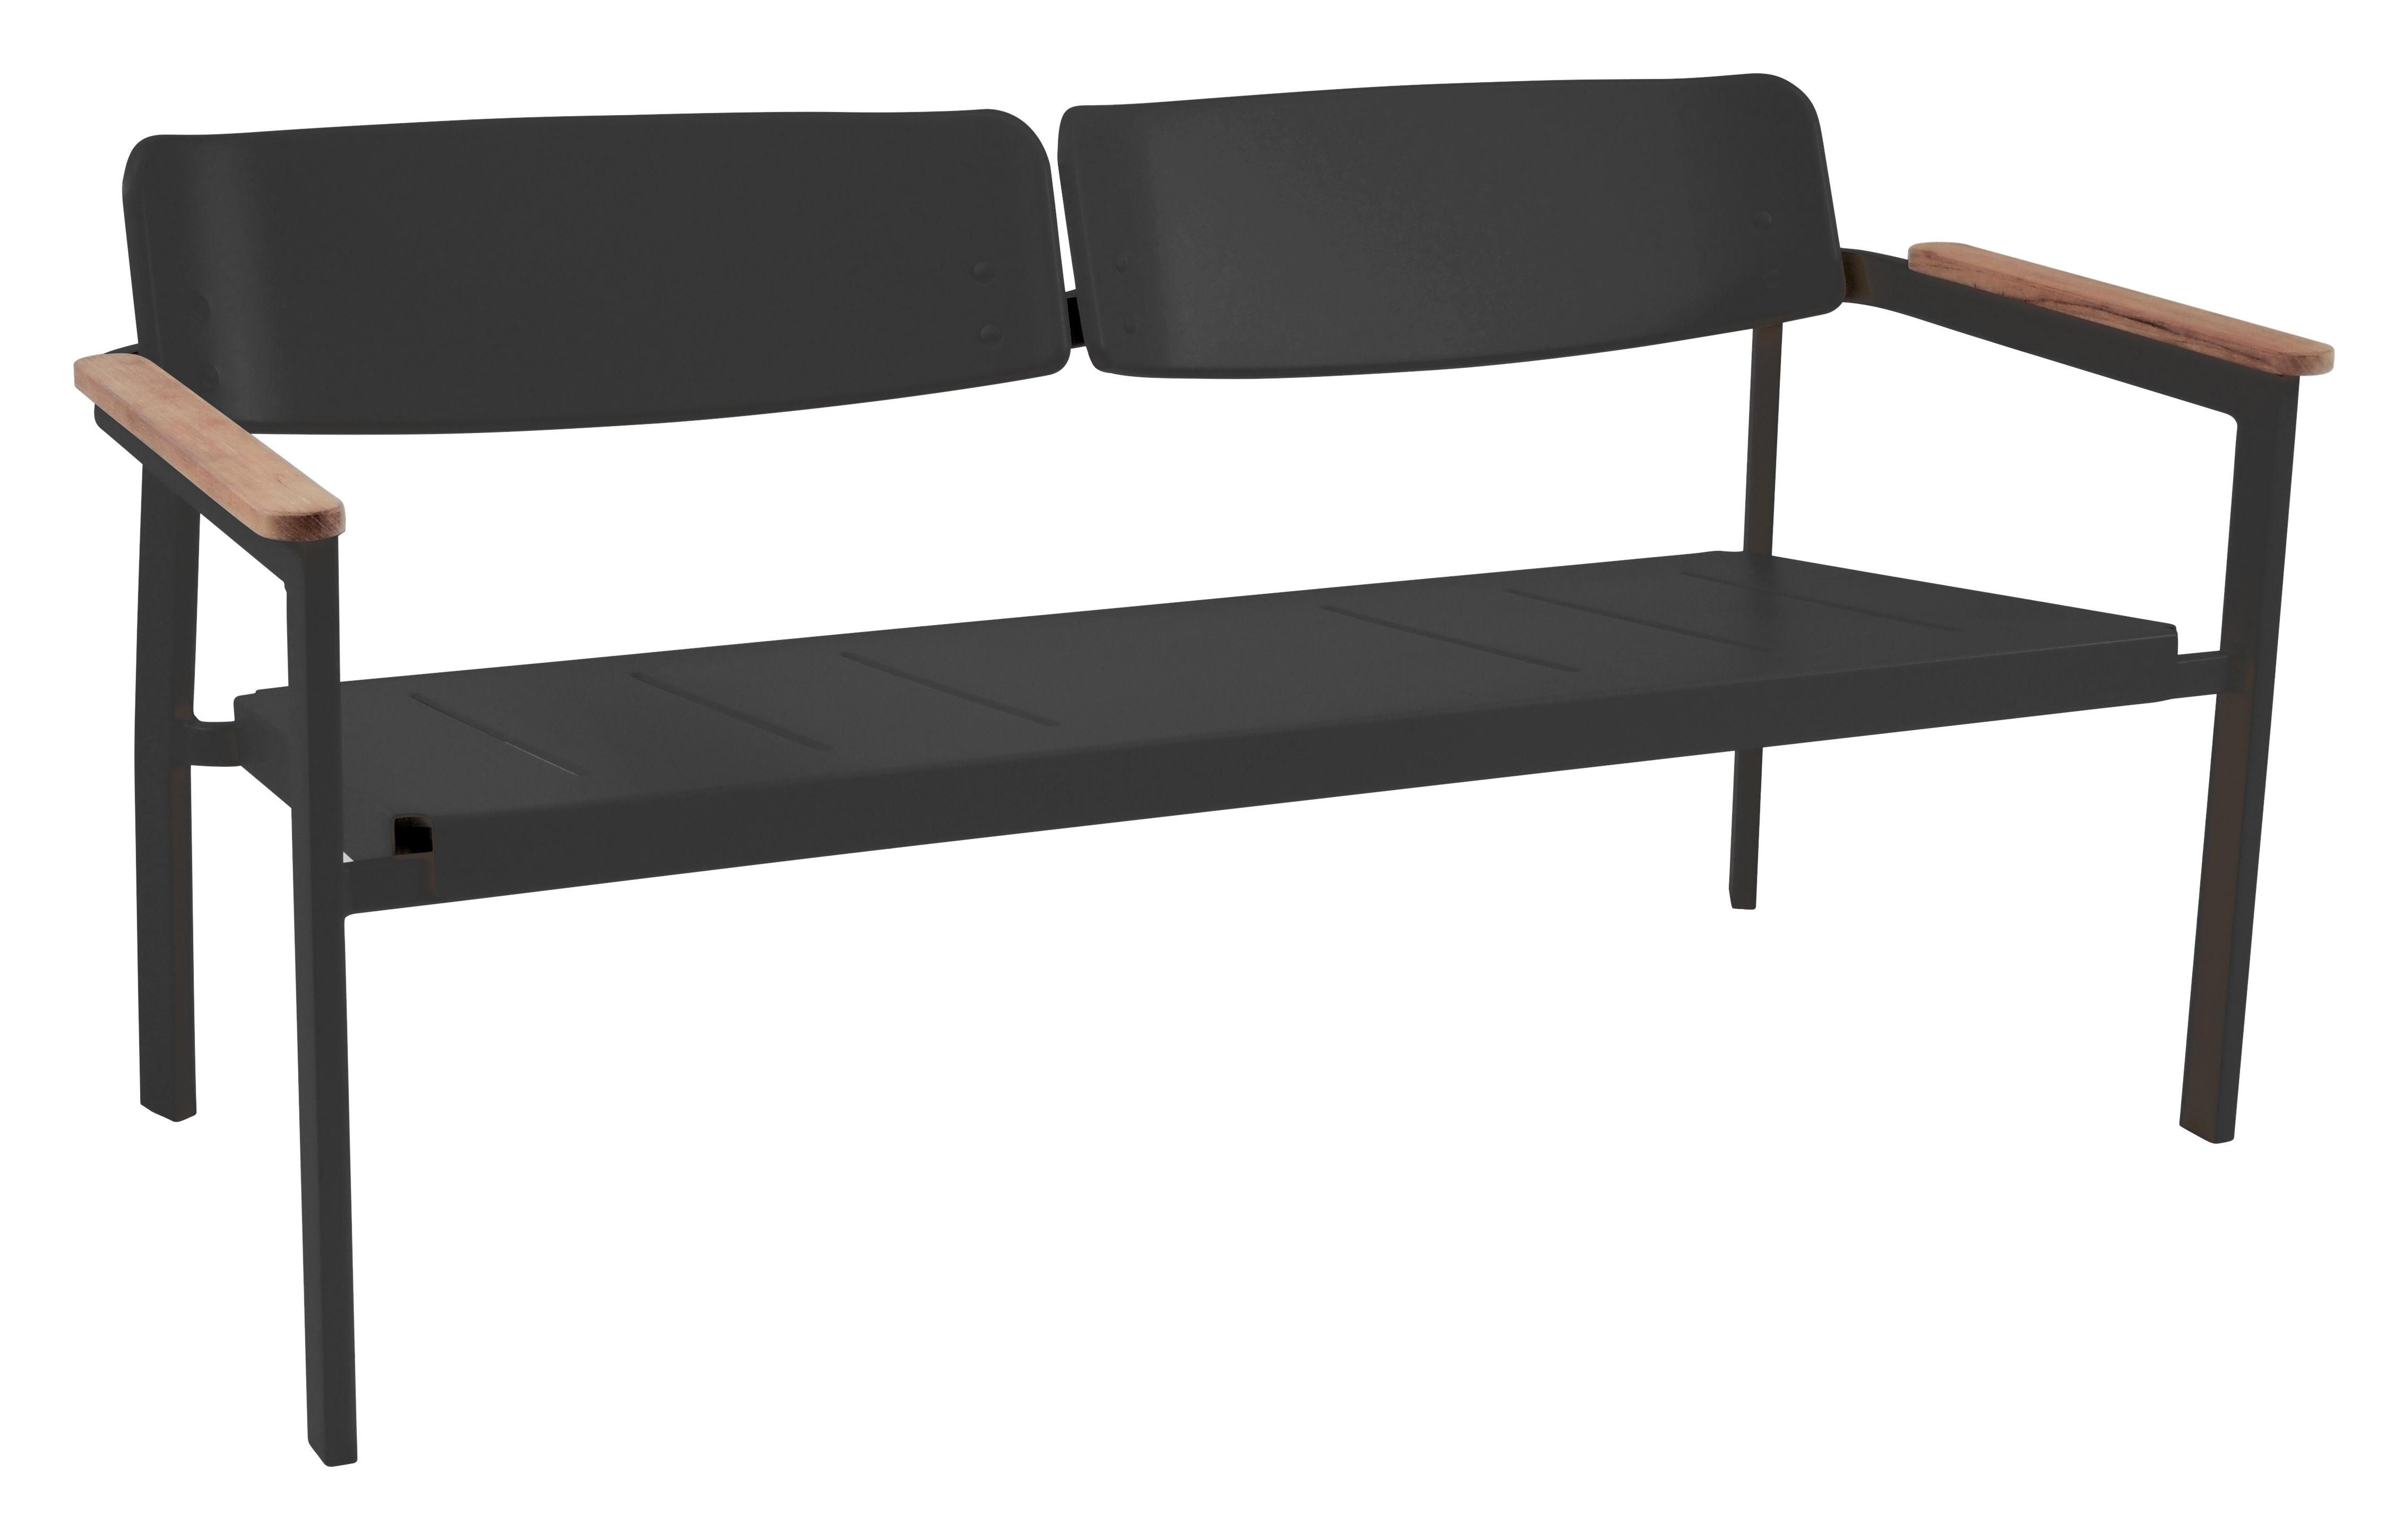 Mobilier - Bancs - Banc avec dossier Shine / 2 places - L 147 cm - Emu - Noir / Accoudoirs teck - Aluminium verni, Teck